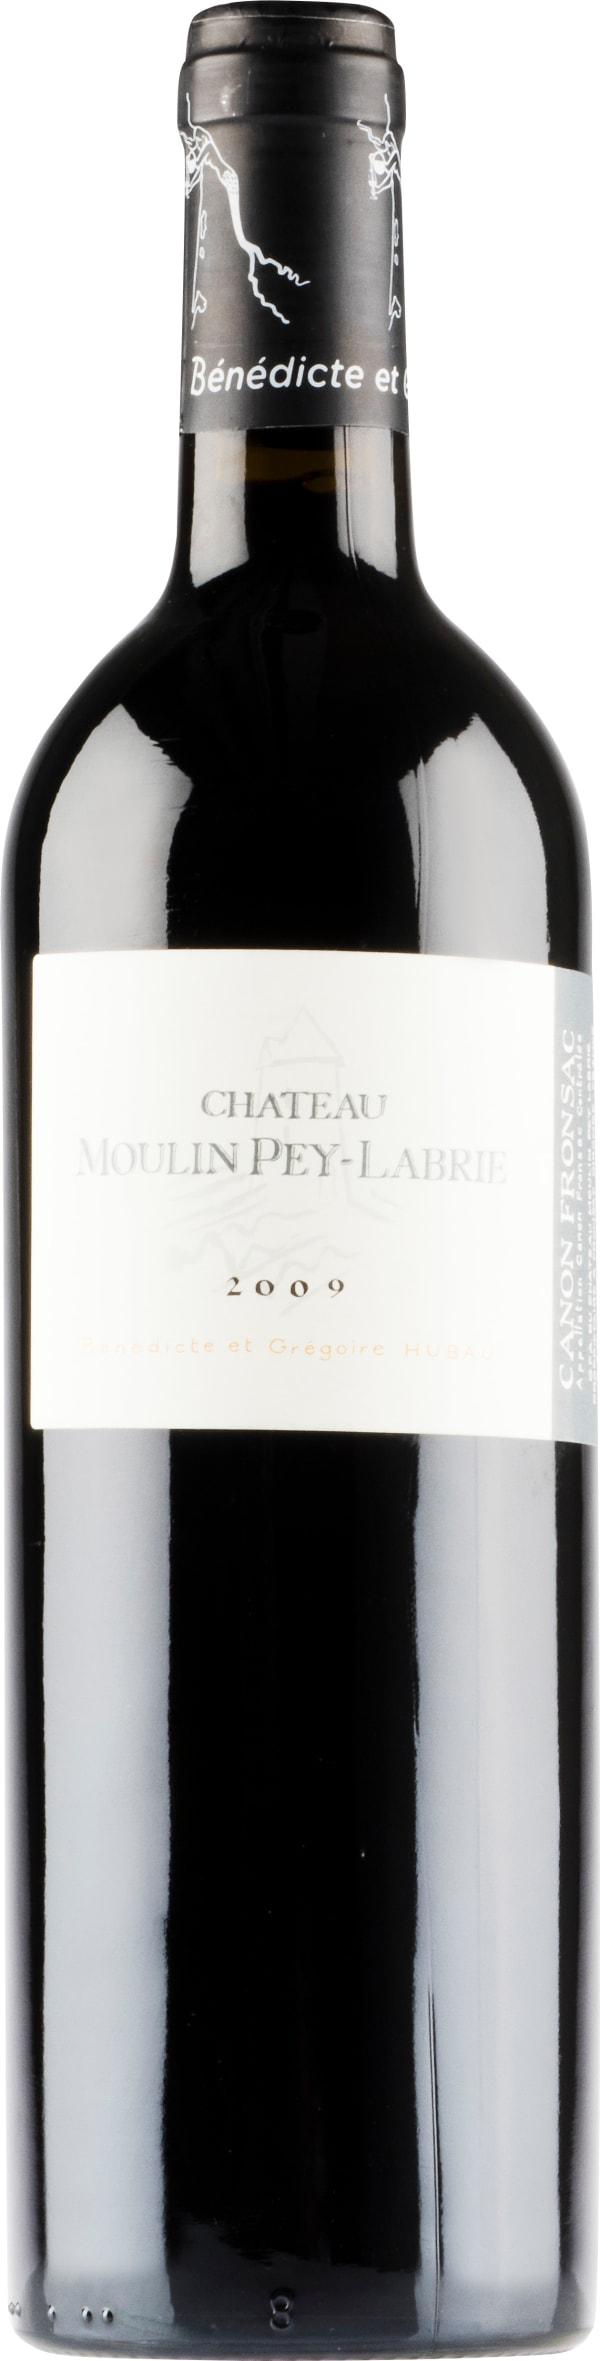 Château Moulin Pey-Labrie 2009